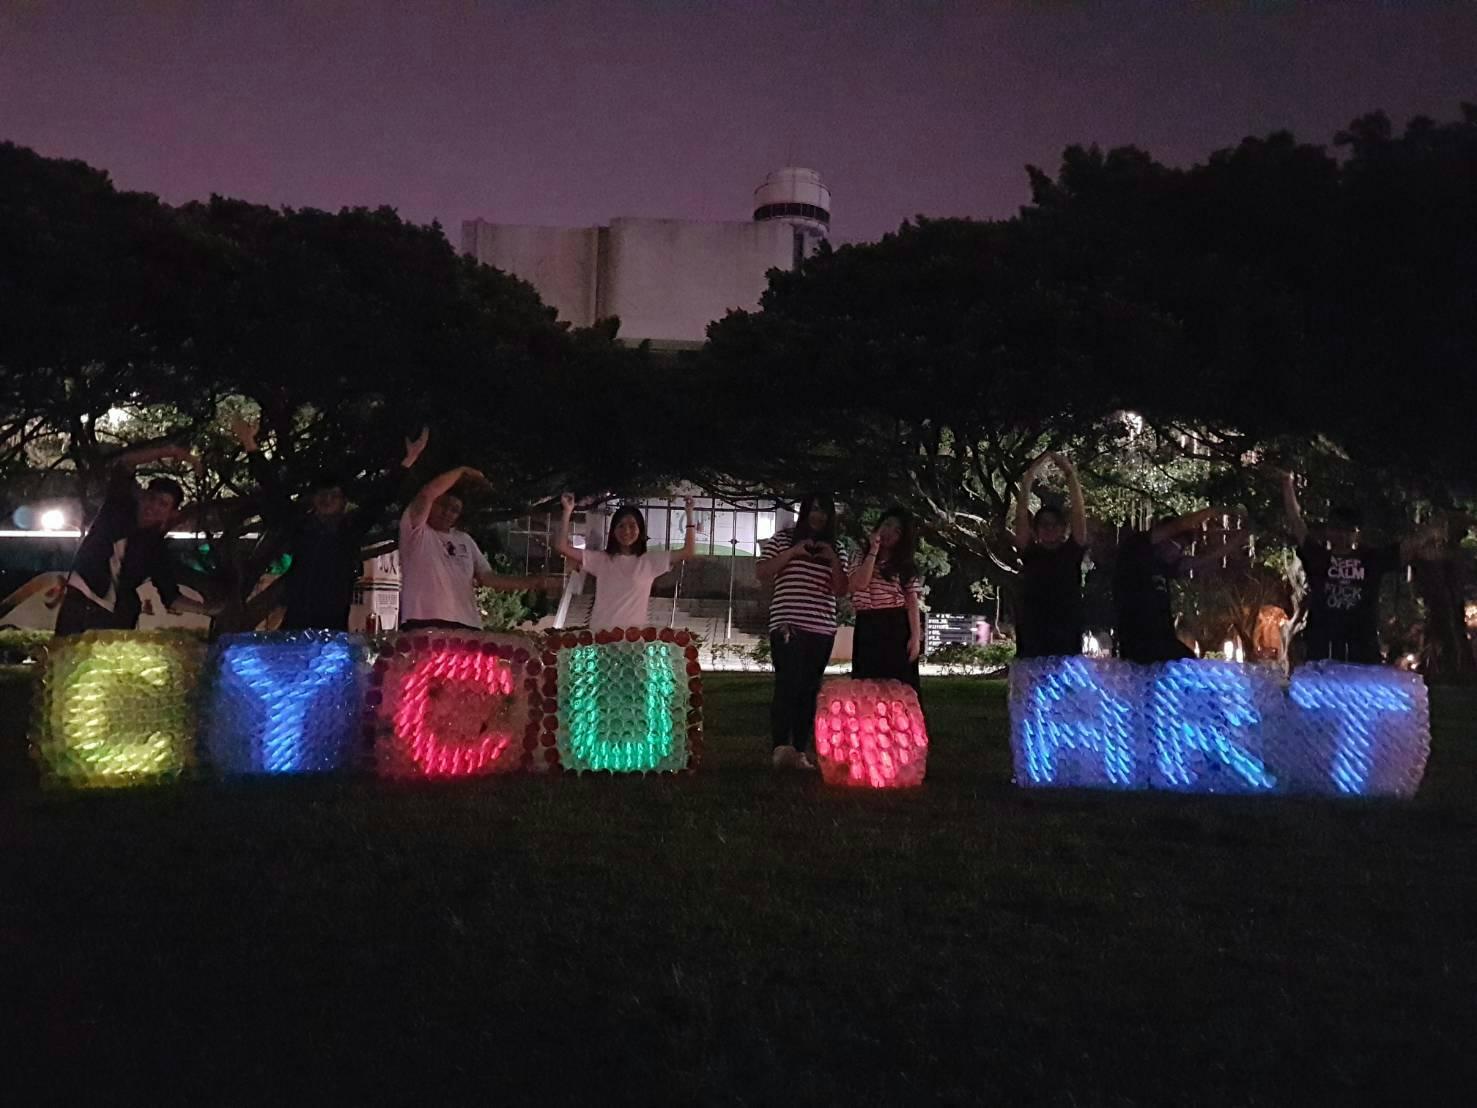 通稿照片09-用上千個廢棄回收的保特瓶製作的環保夜光裝置藝術「CYCU ART」.jpg